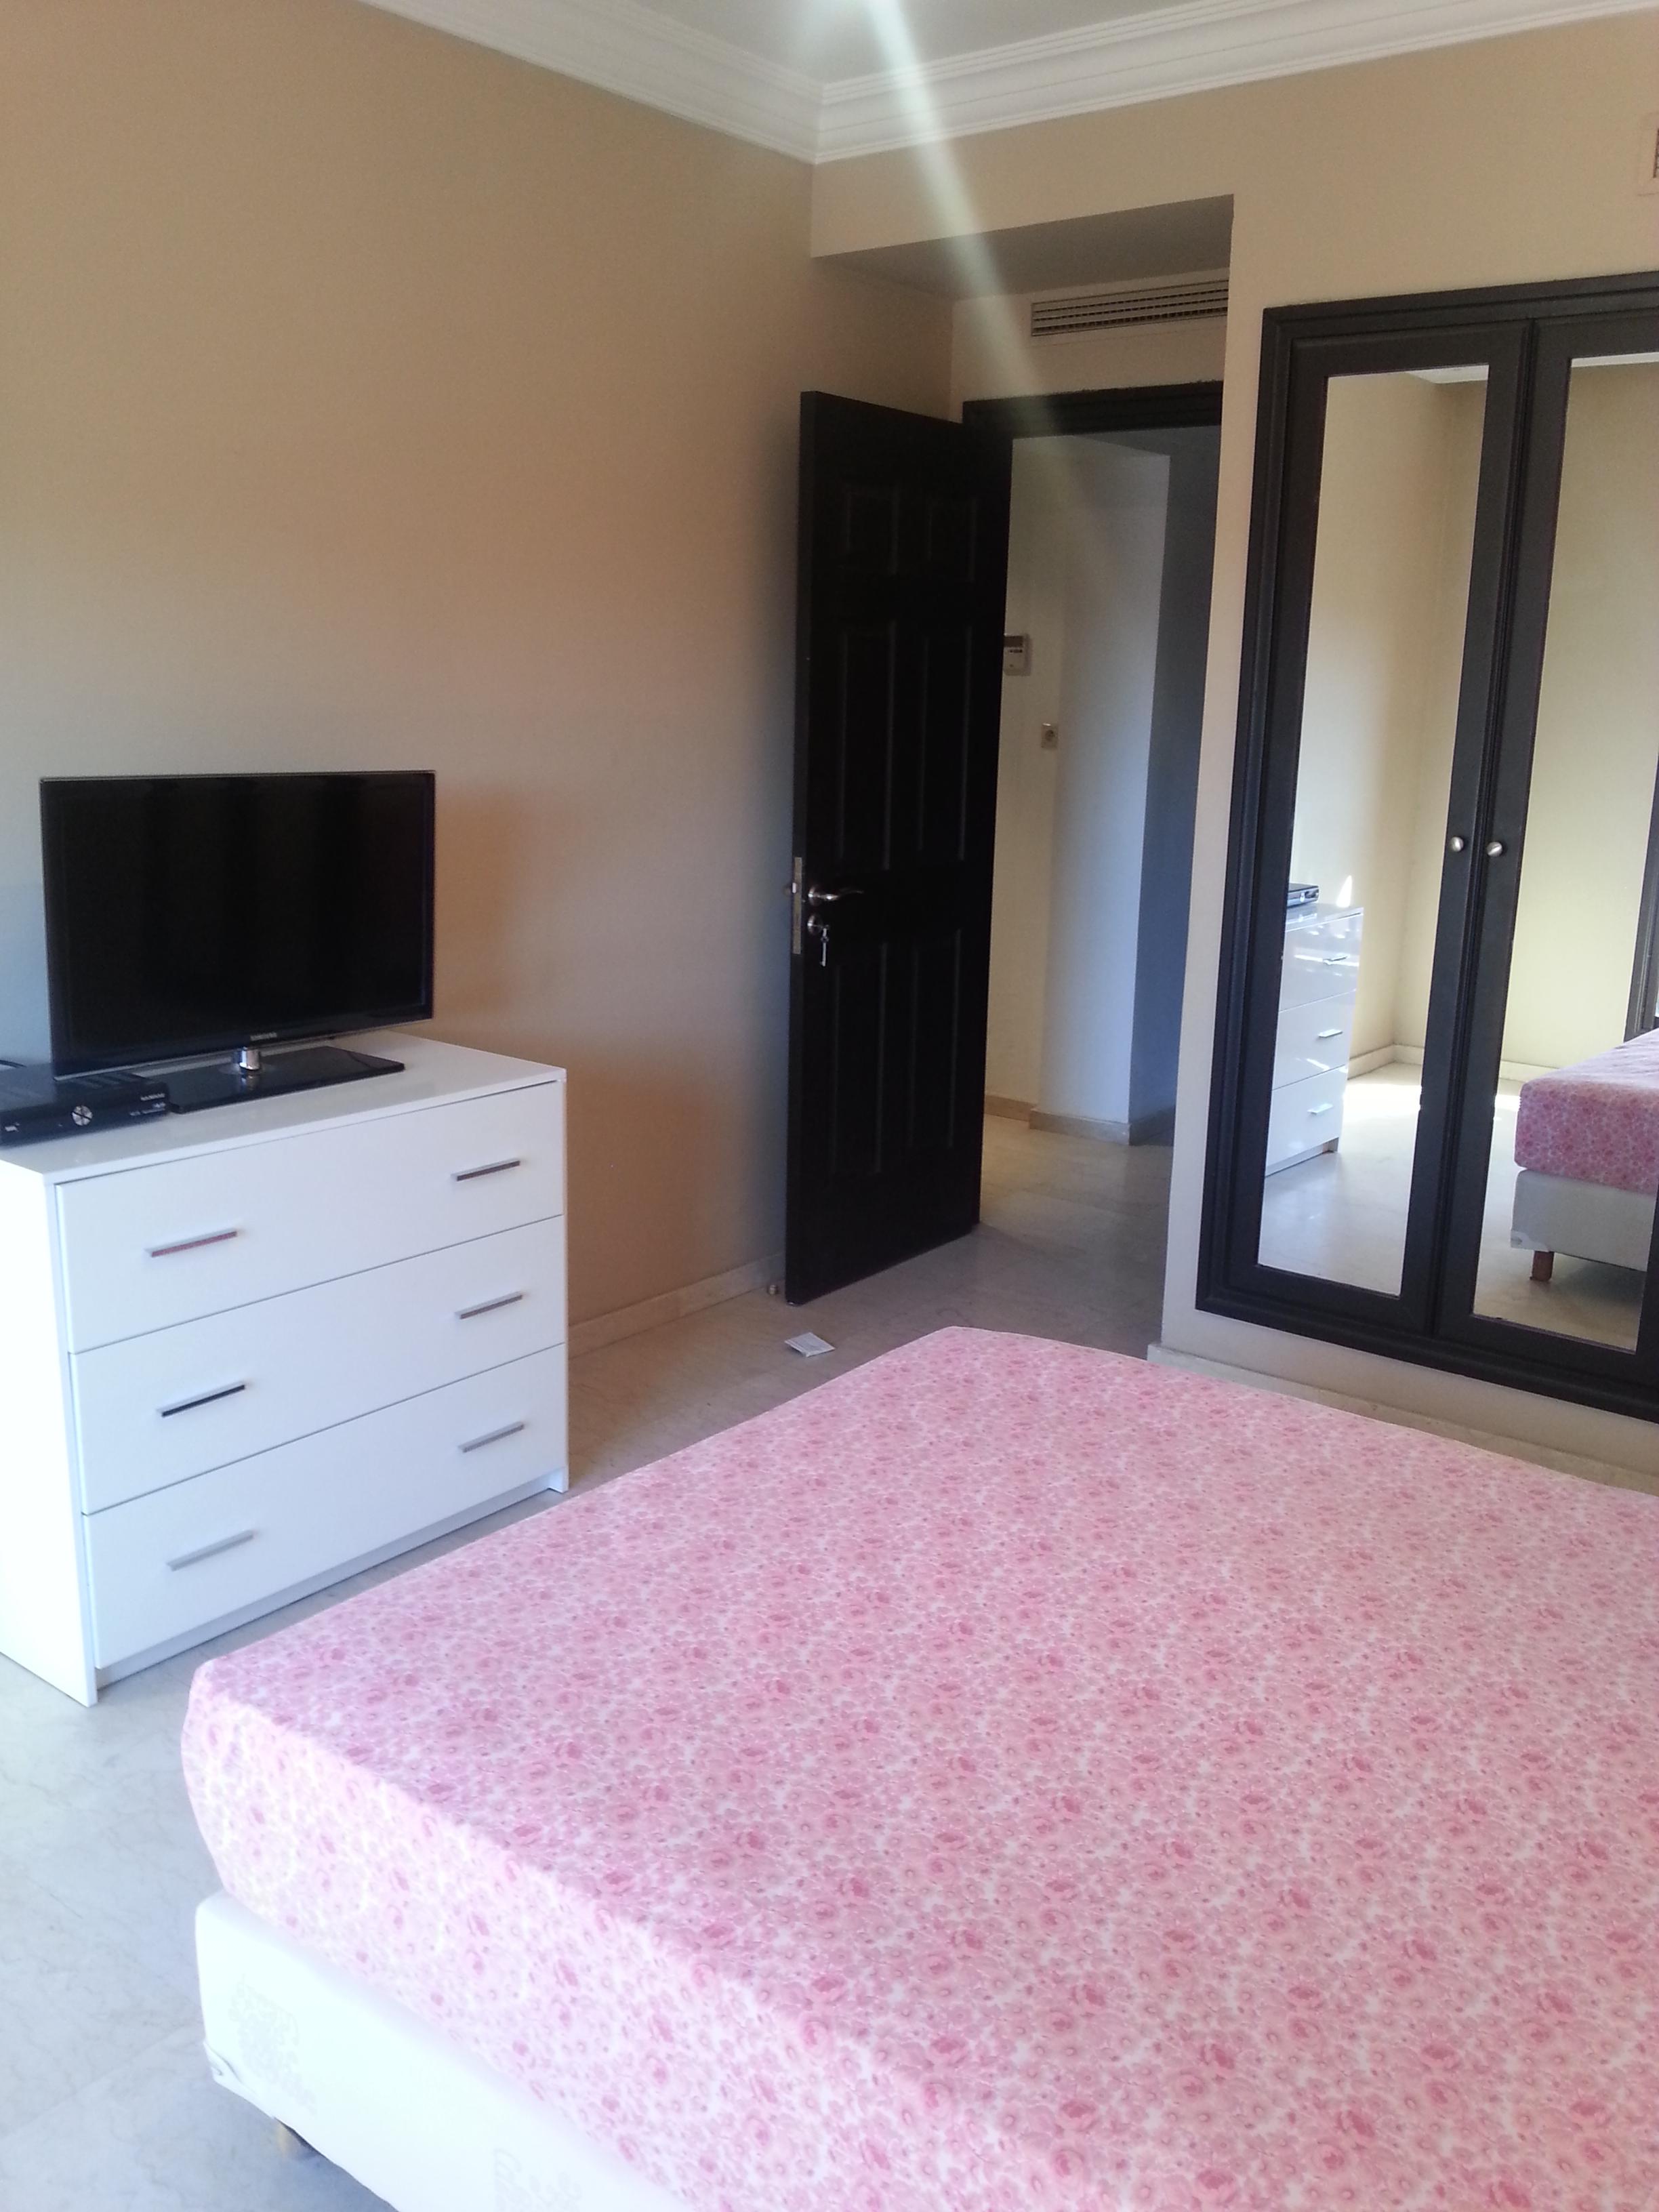 verkoop 4 slaapkamers marrakech marrakech marokko